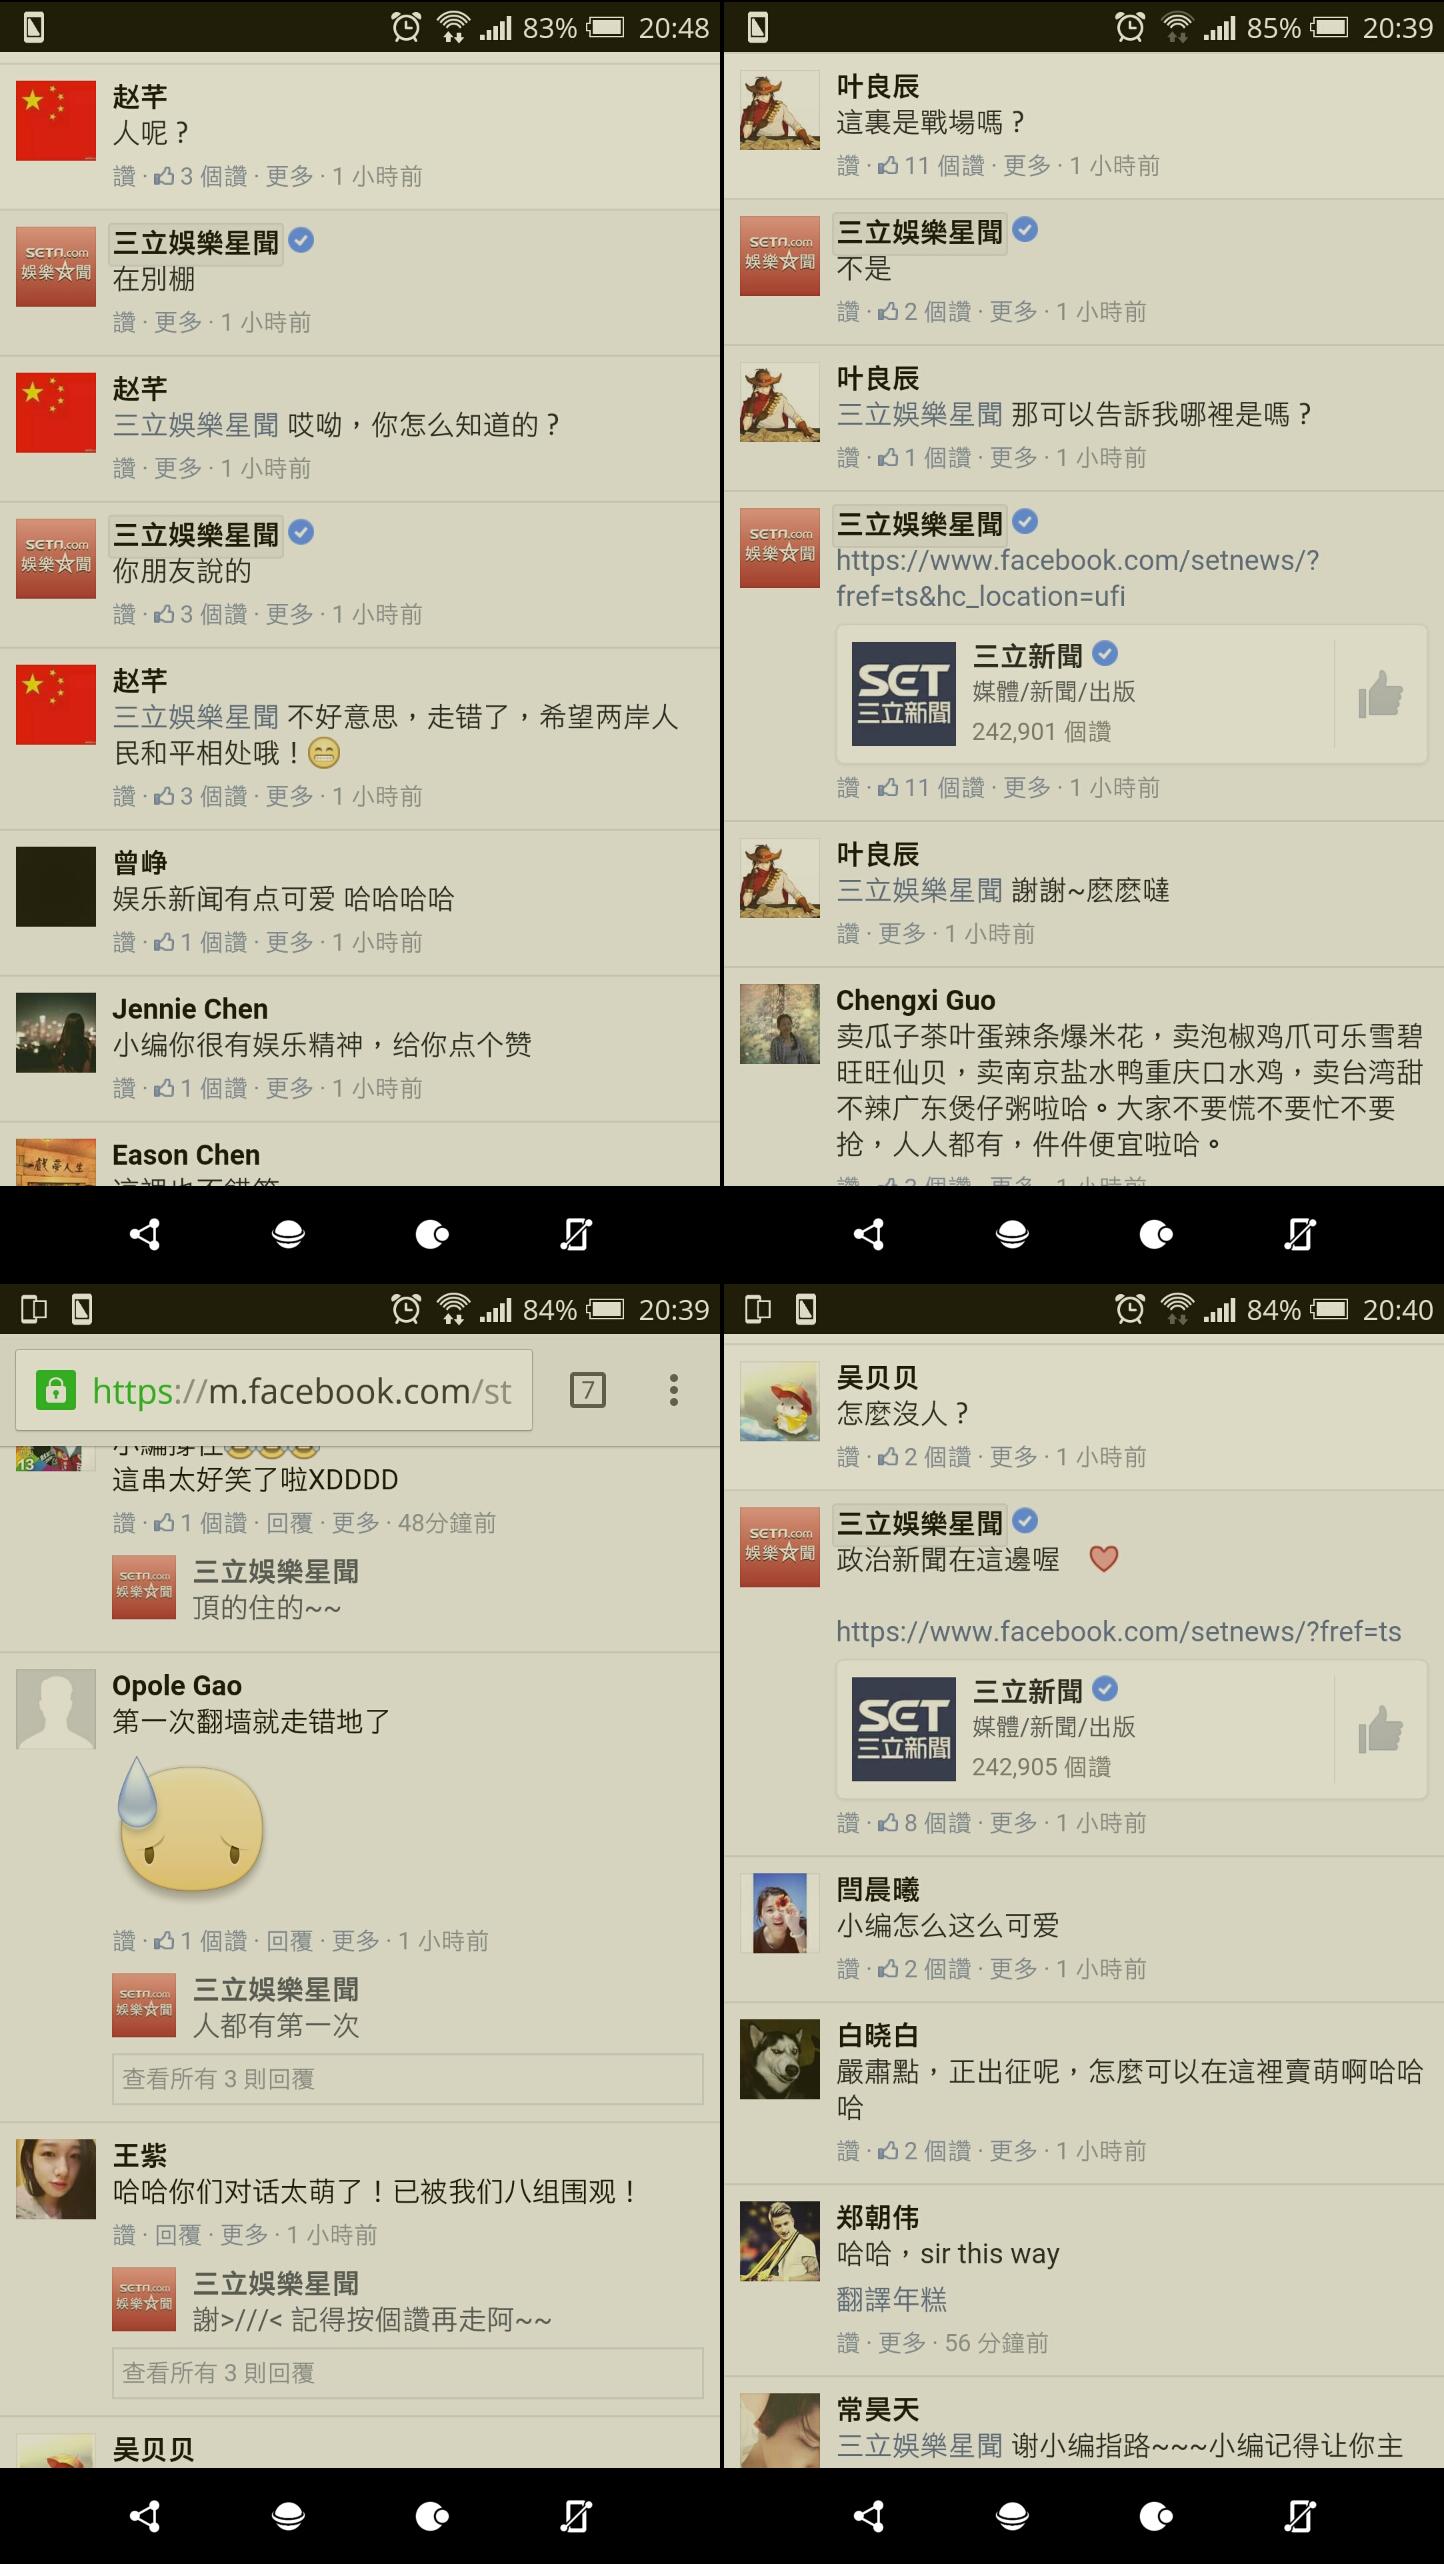 中國網民號召攻占台灣 Facebook 粉絲頁,但過程與結果卻意外歡樂